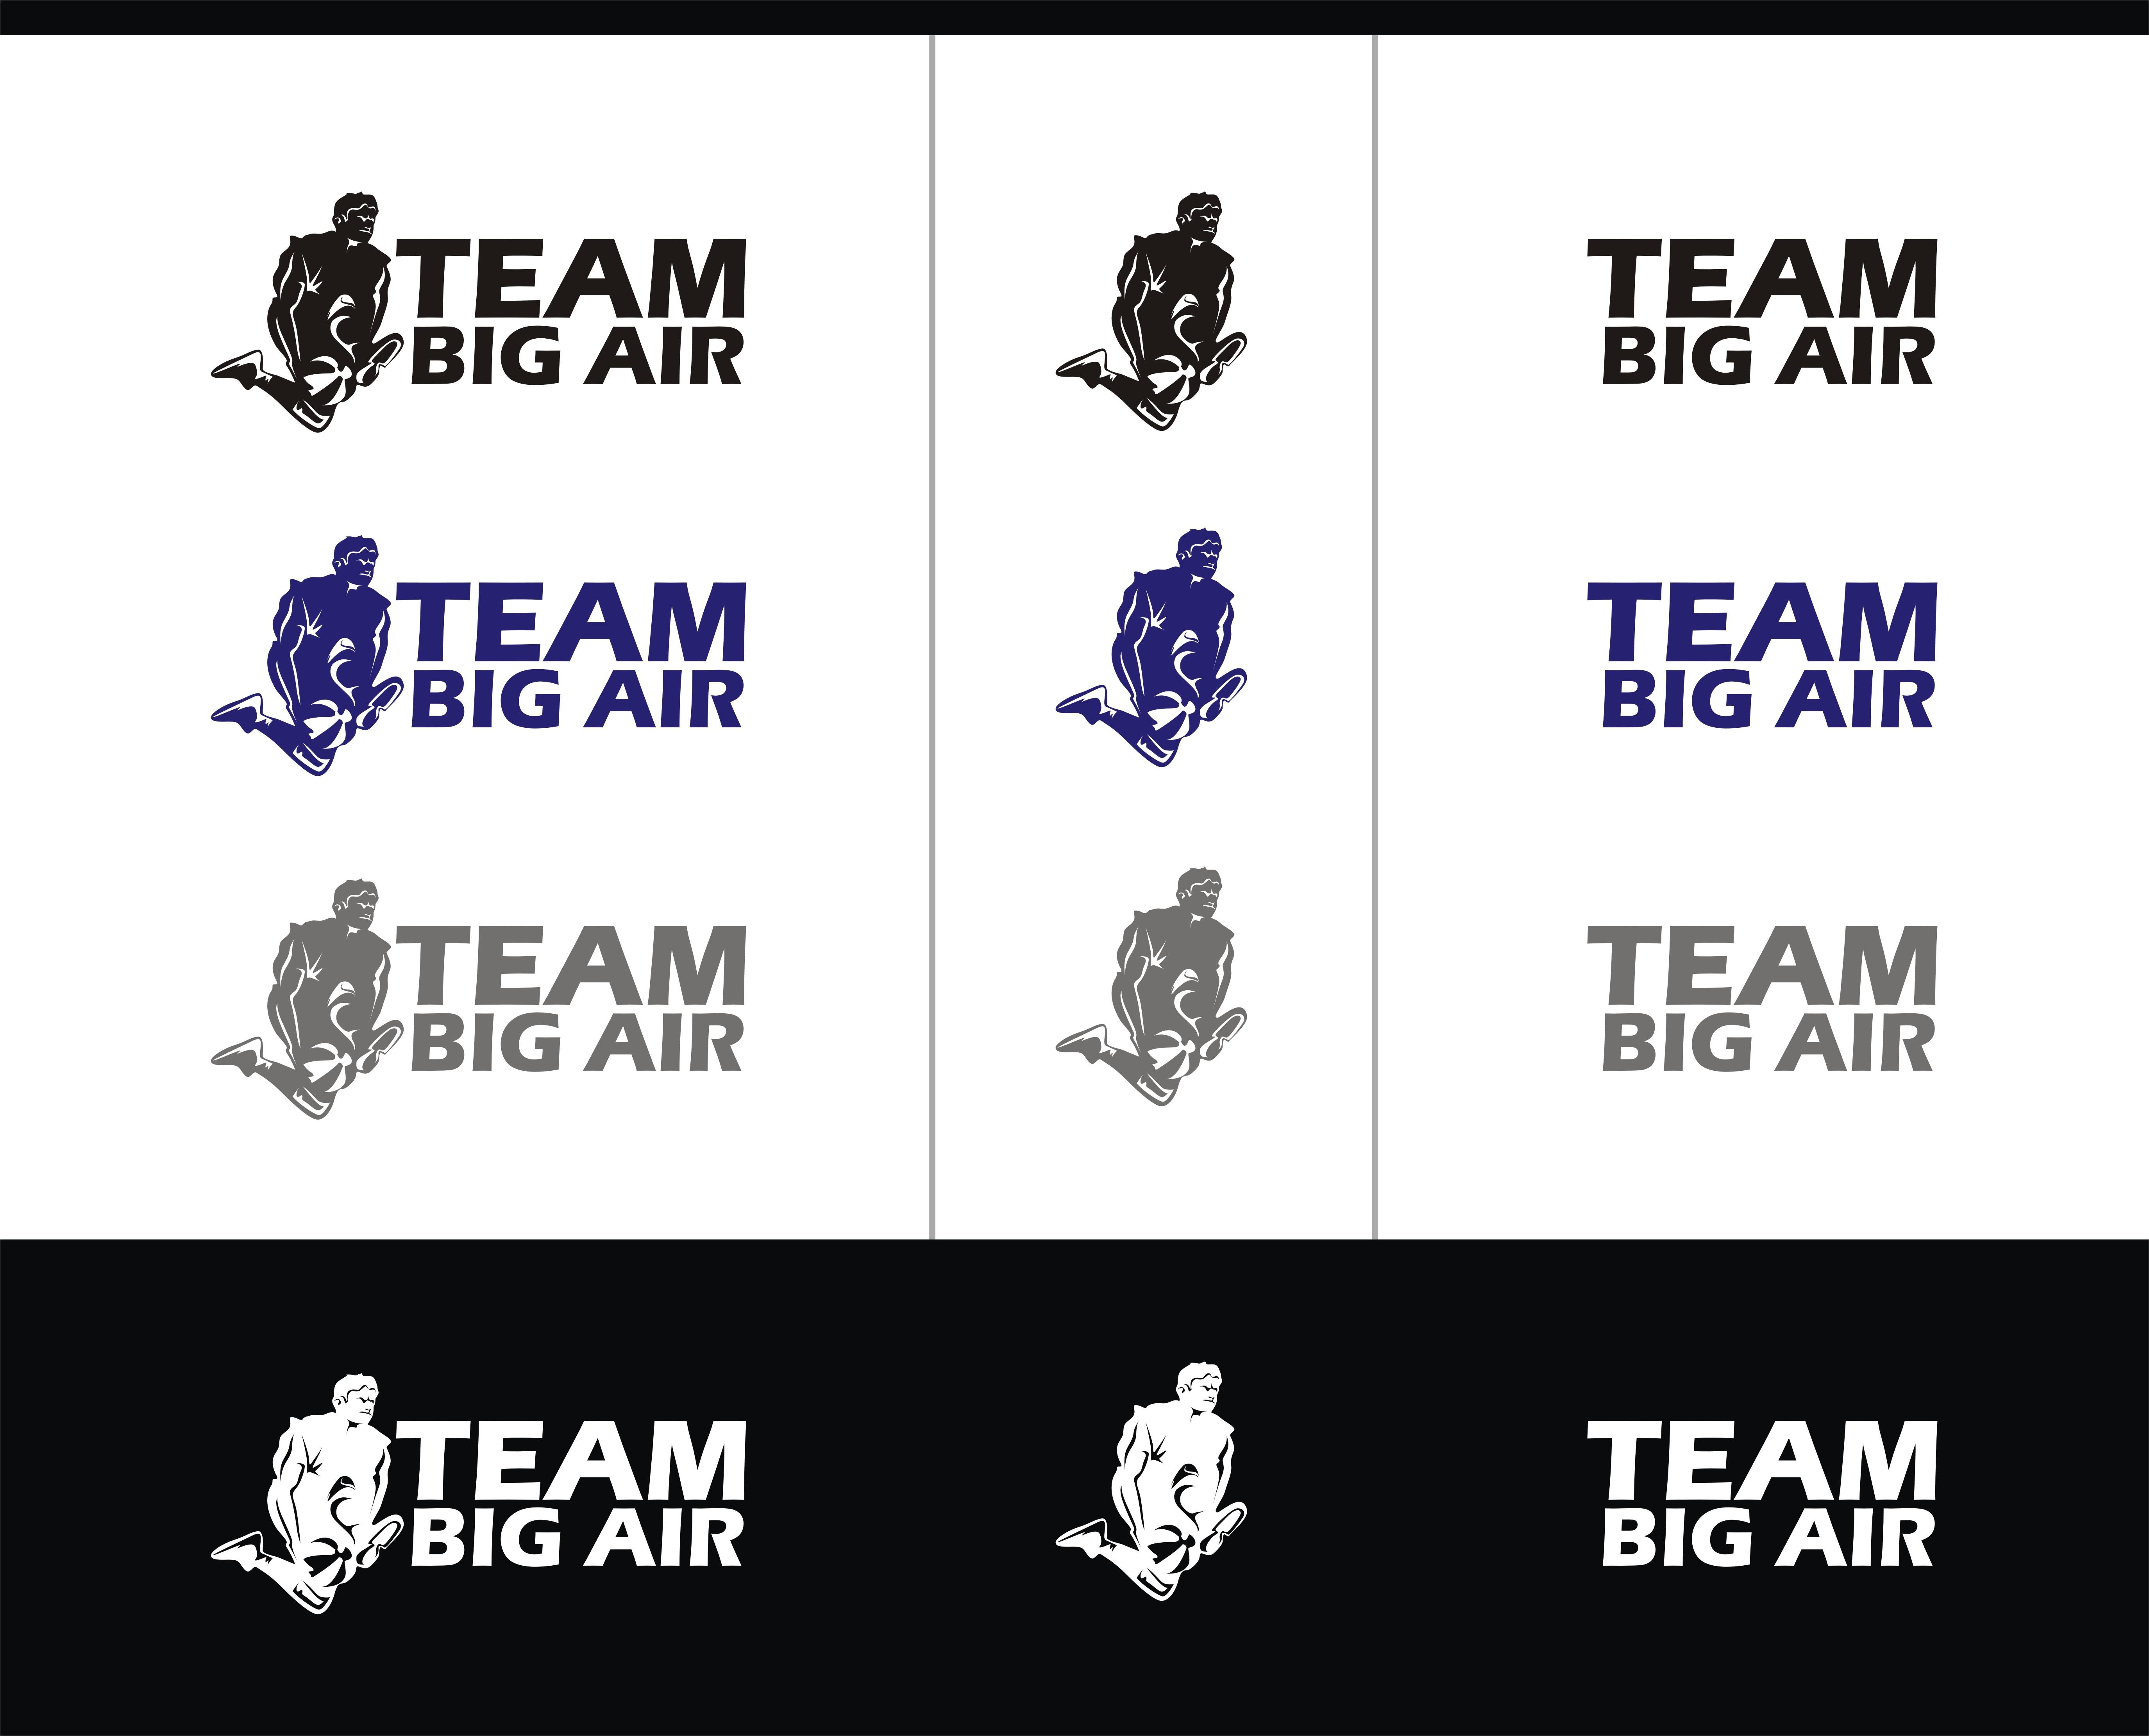 Team Big Air logo